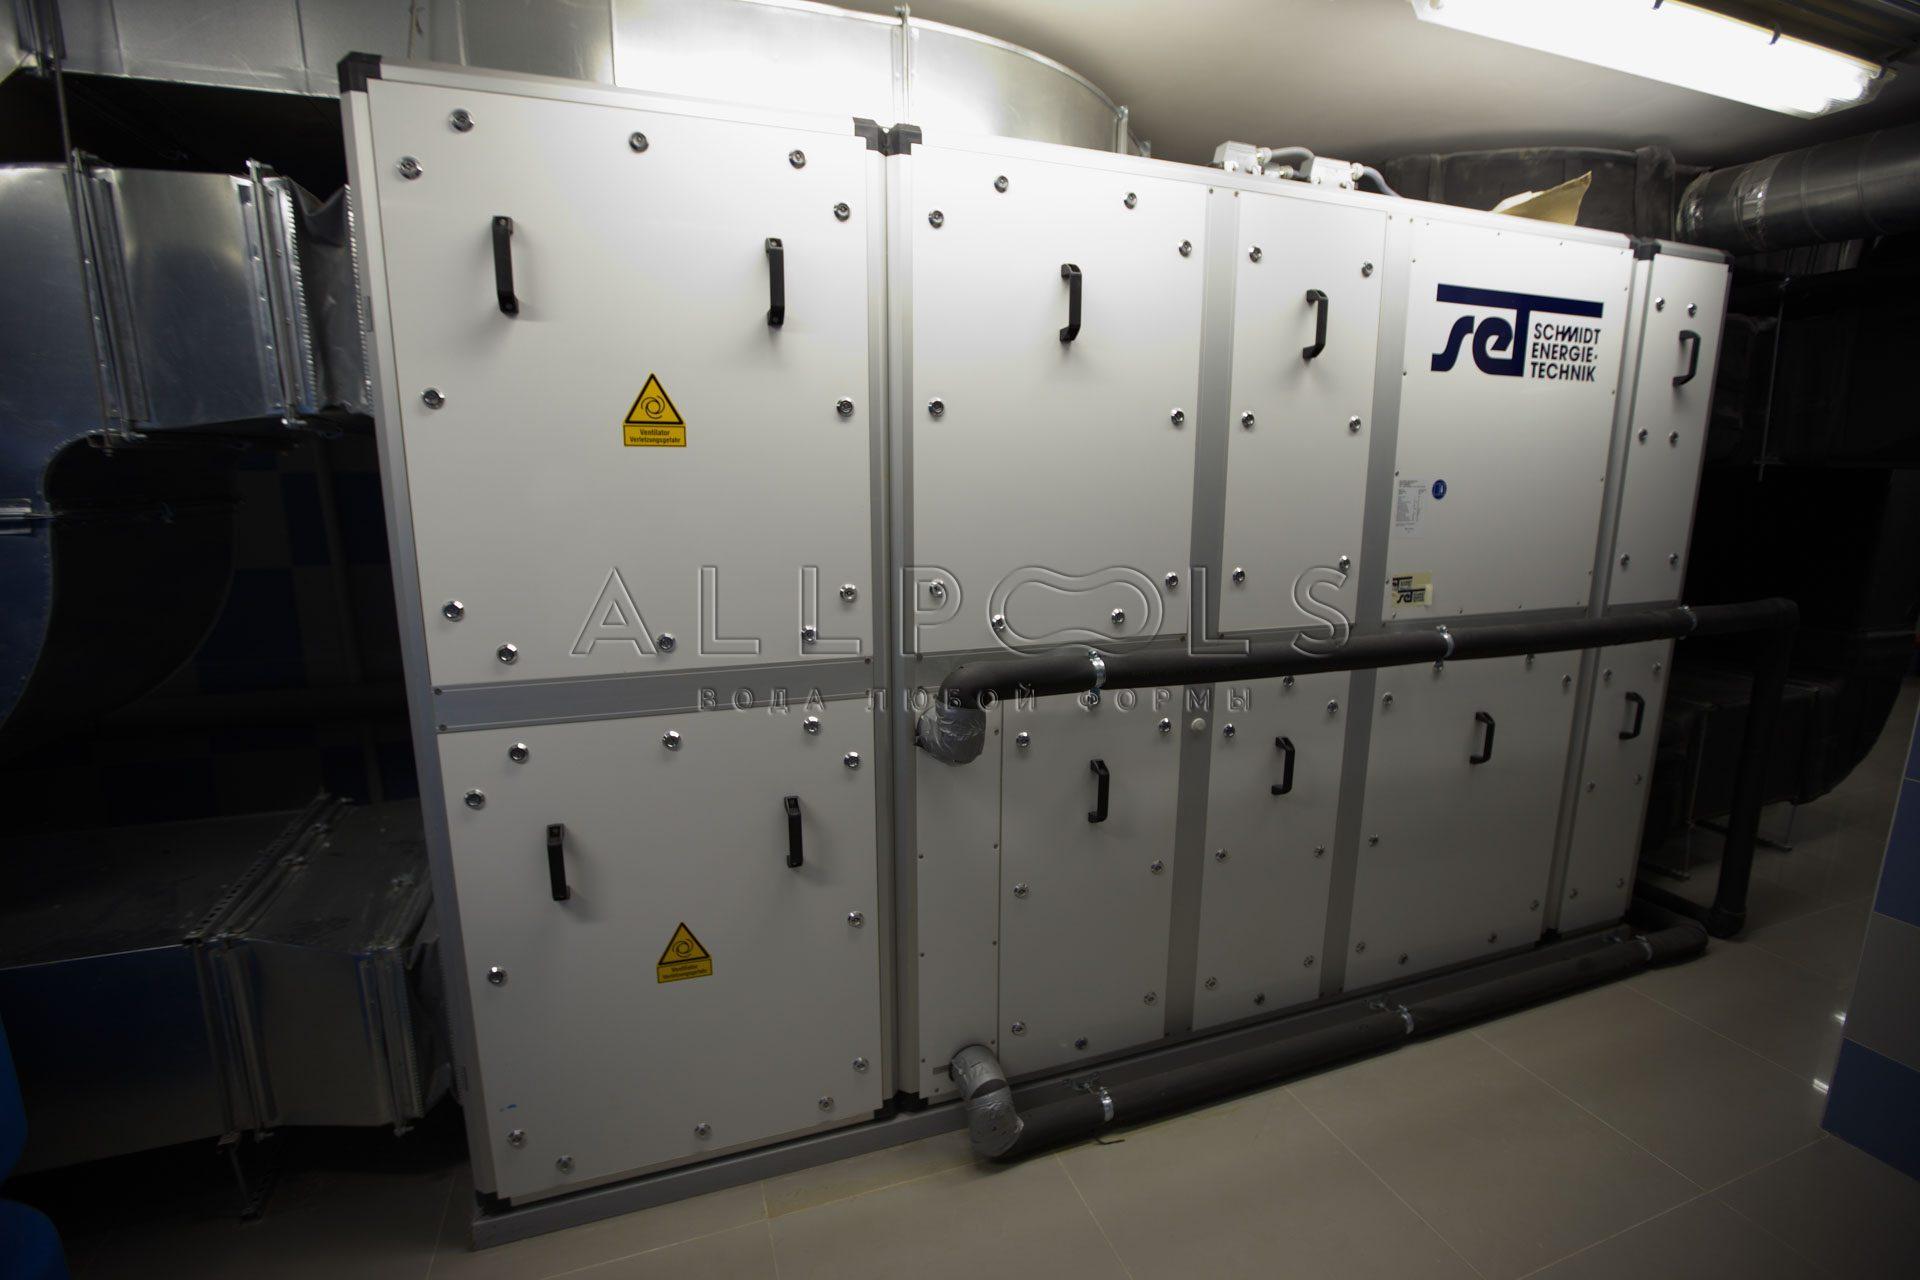 Оборудование вентиляции SET Schmidt Energie Technik в подвале бассейна